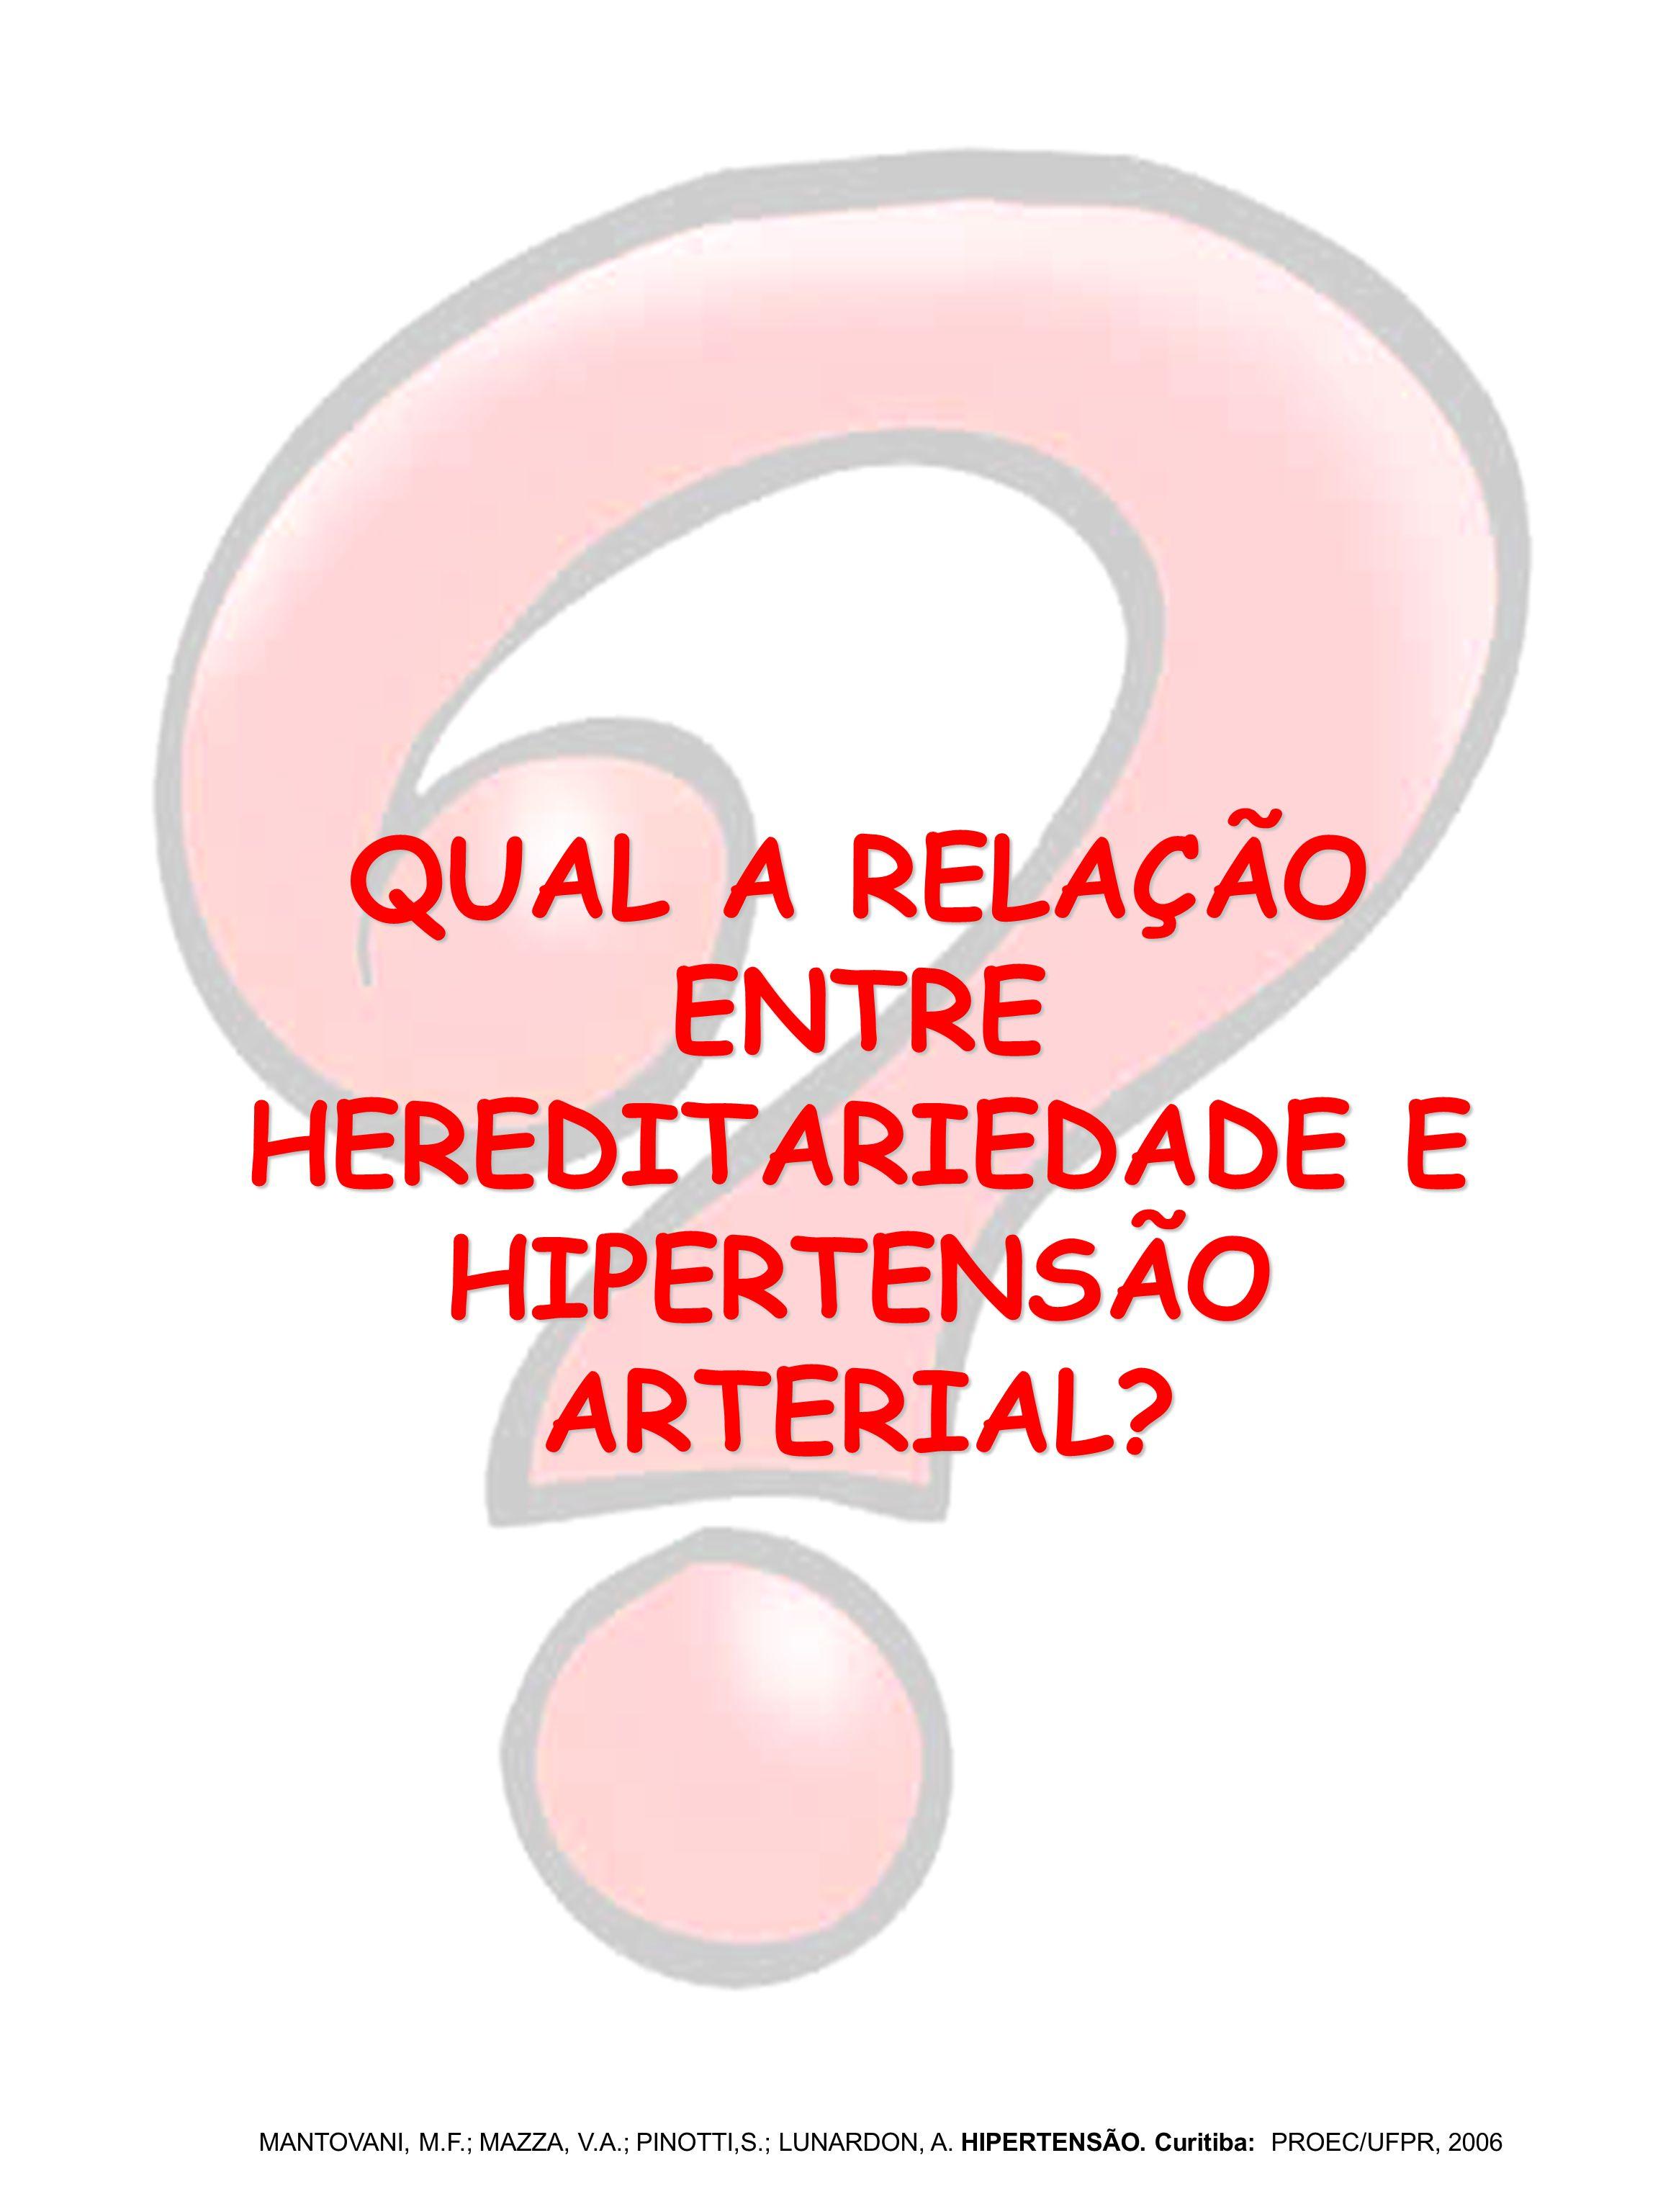 QUAL A RELAÇÃO ENTRE HEREDITARIEDADE E HIPERTENSÃO ARTERIAL? MANTOVANI, M.F.; MAZZA, V.A.; PINOTTI,S.; LUNARDON, A. HIPERTENSÃO. Curitiba: PROEC/UFPR,